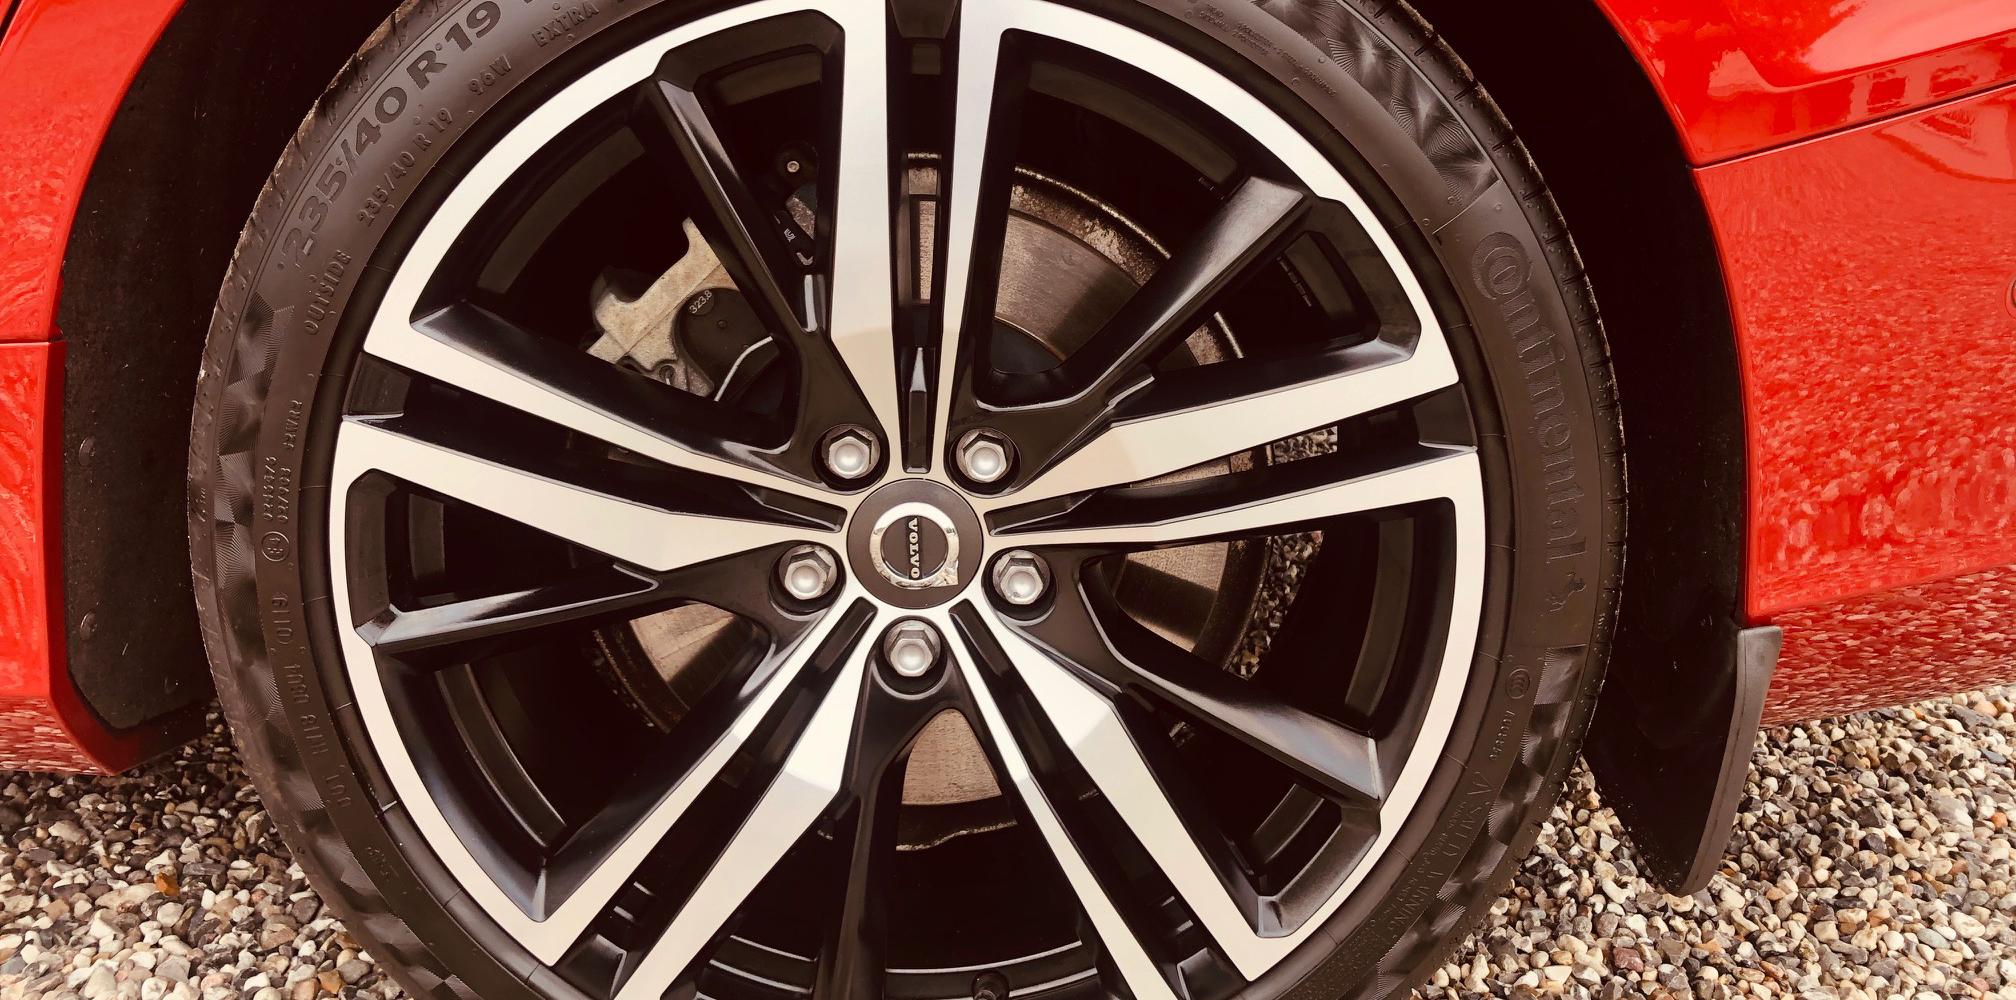 Volvo S60 T5 behandlet Ditec Ceramic Ultra samt fælge og ruder hos Bilpleje Hadsten